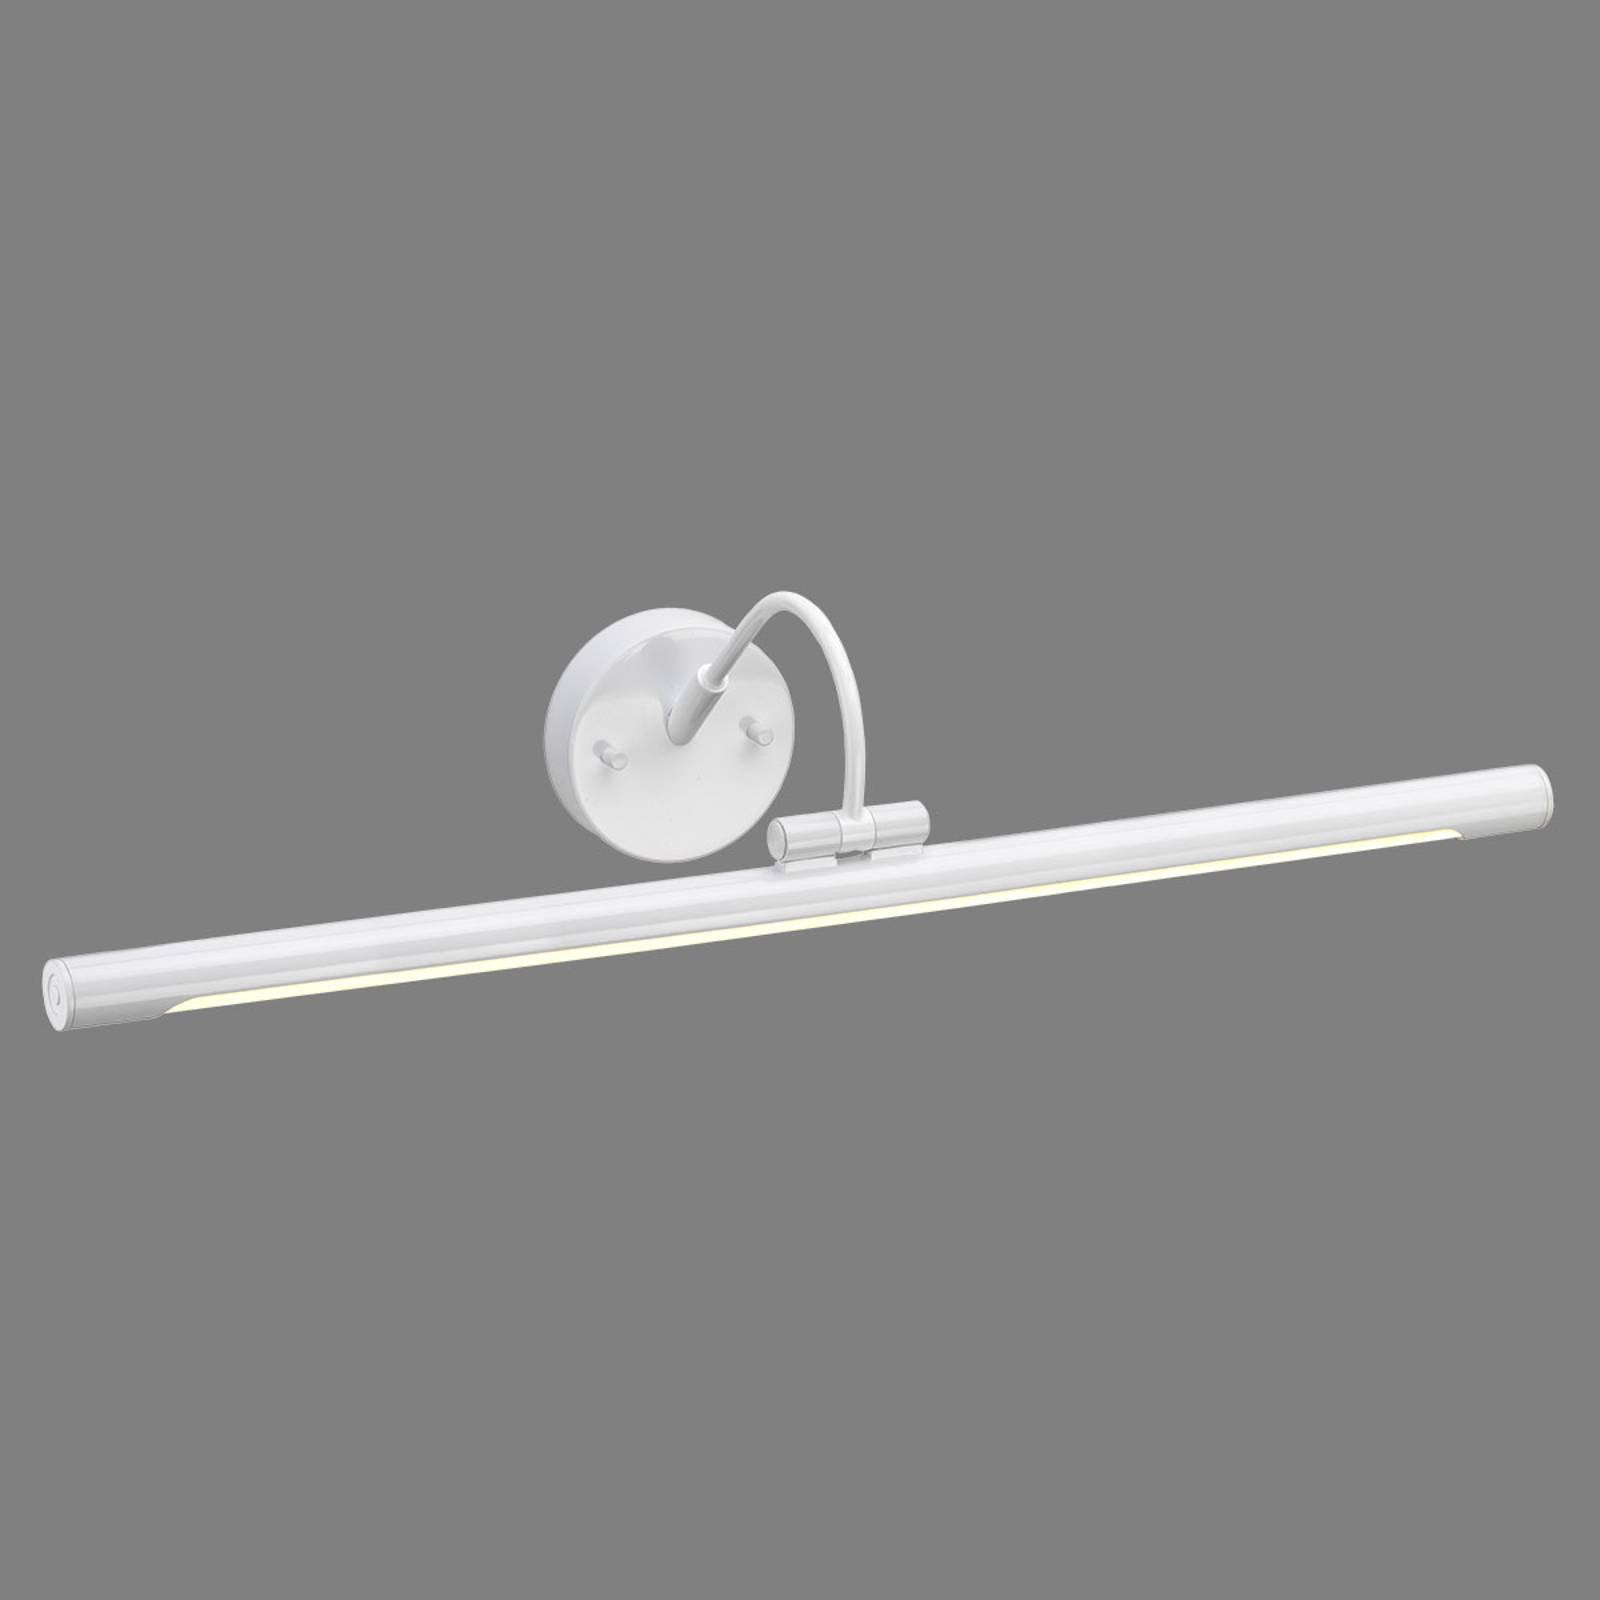 LED-bildelampe Alton, hvit, 67 cm